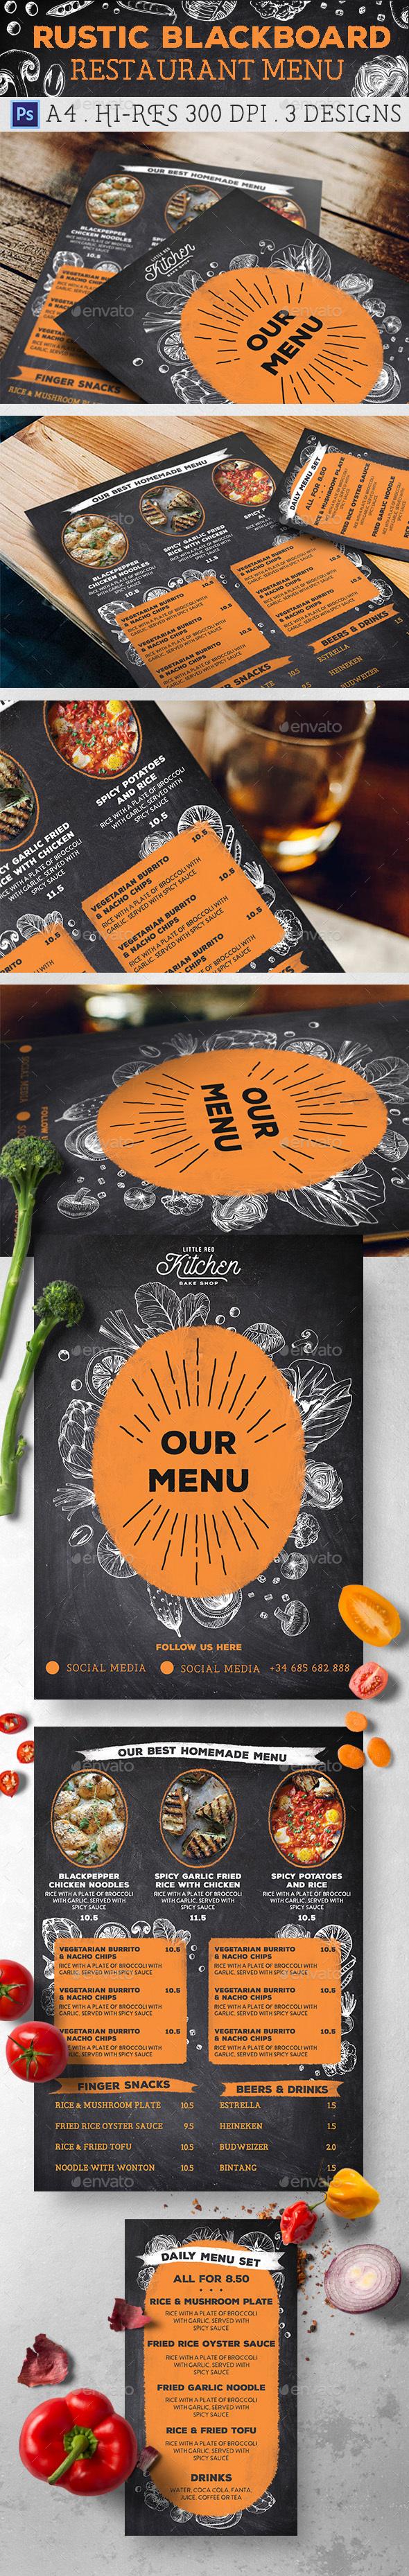 Rustic Blackboard Restaurant Menu - Food Menus Print Templates